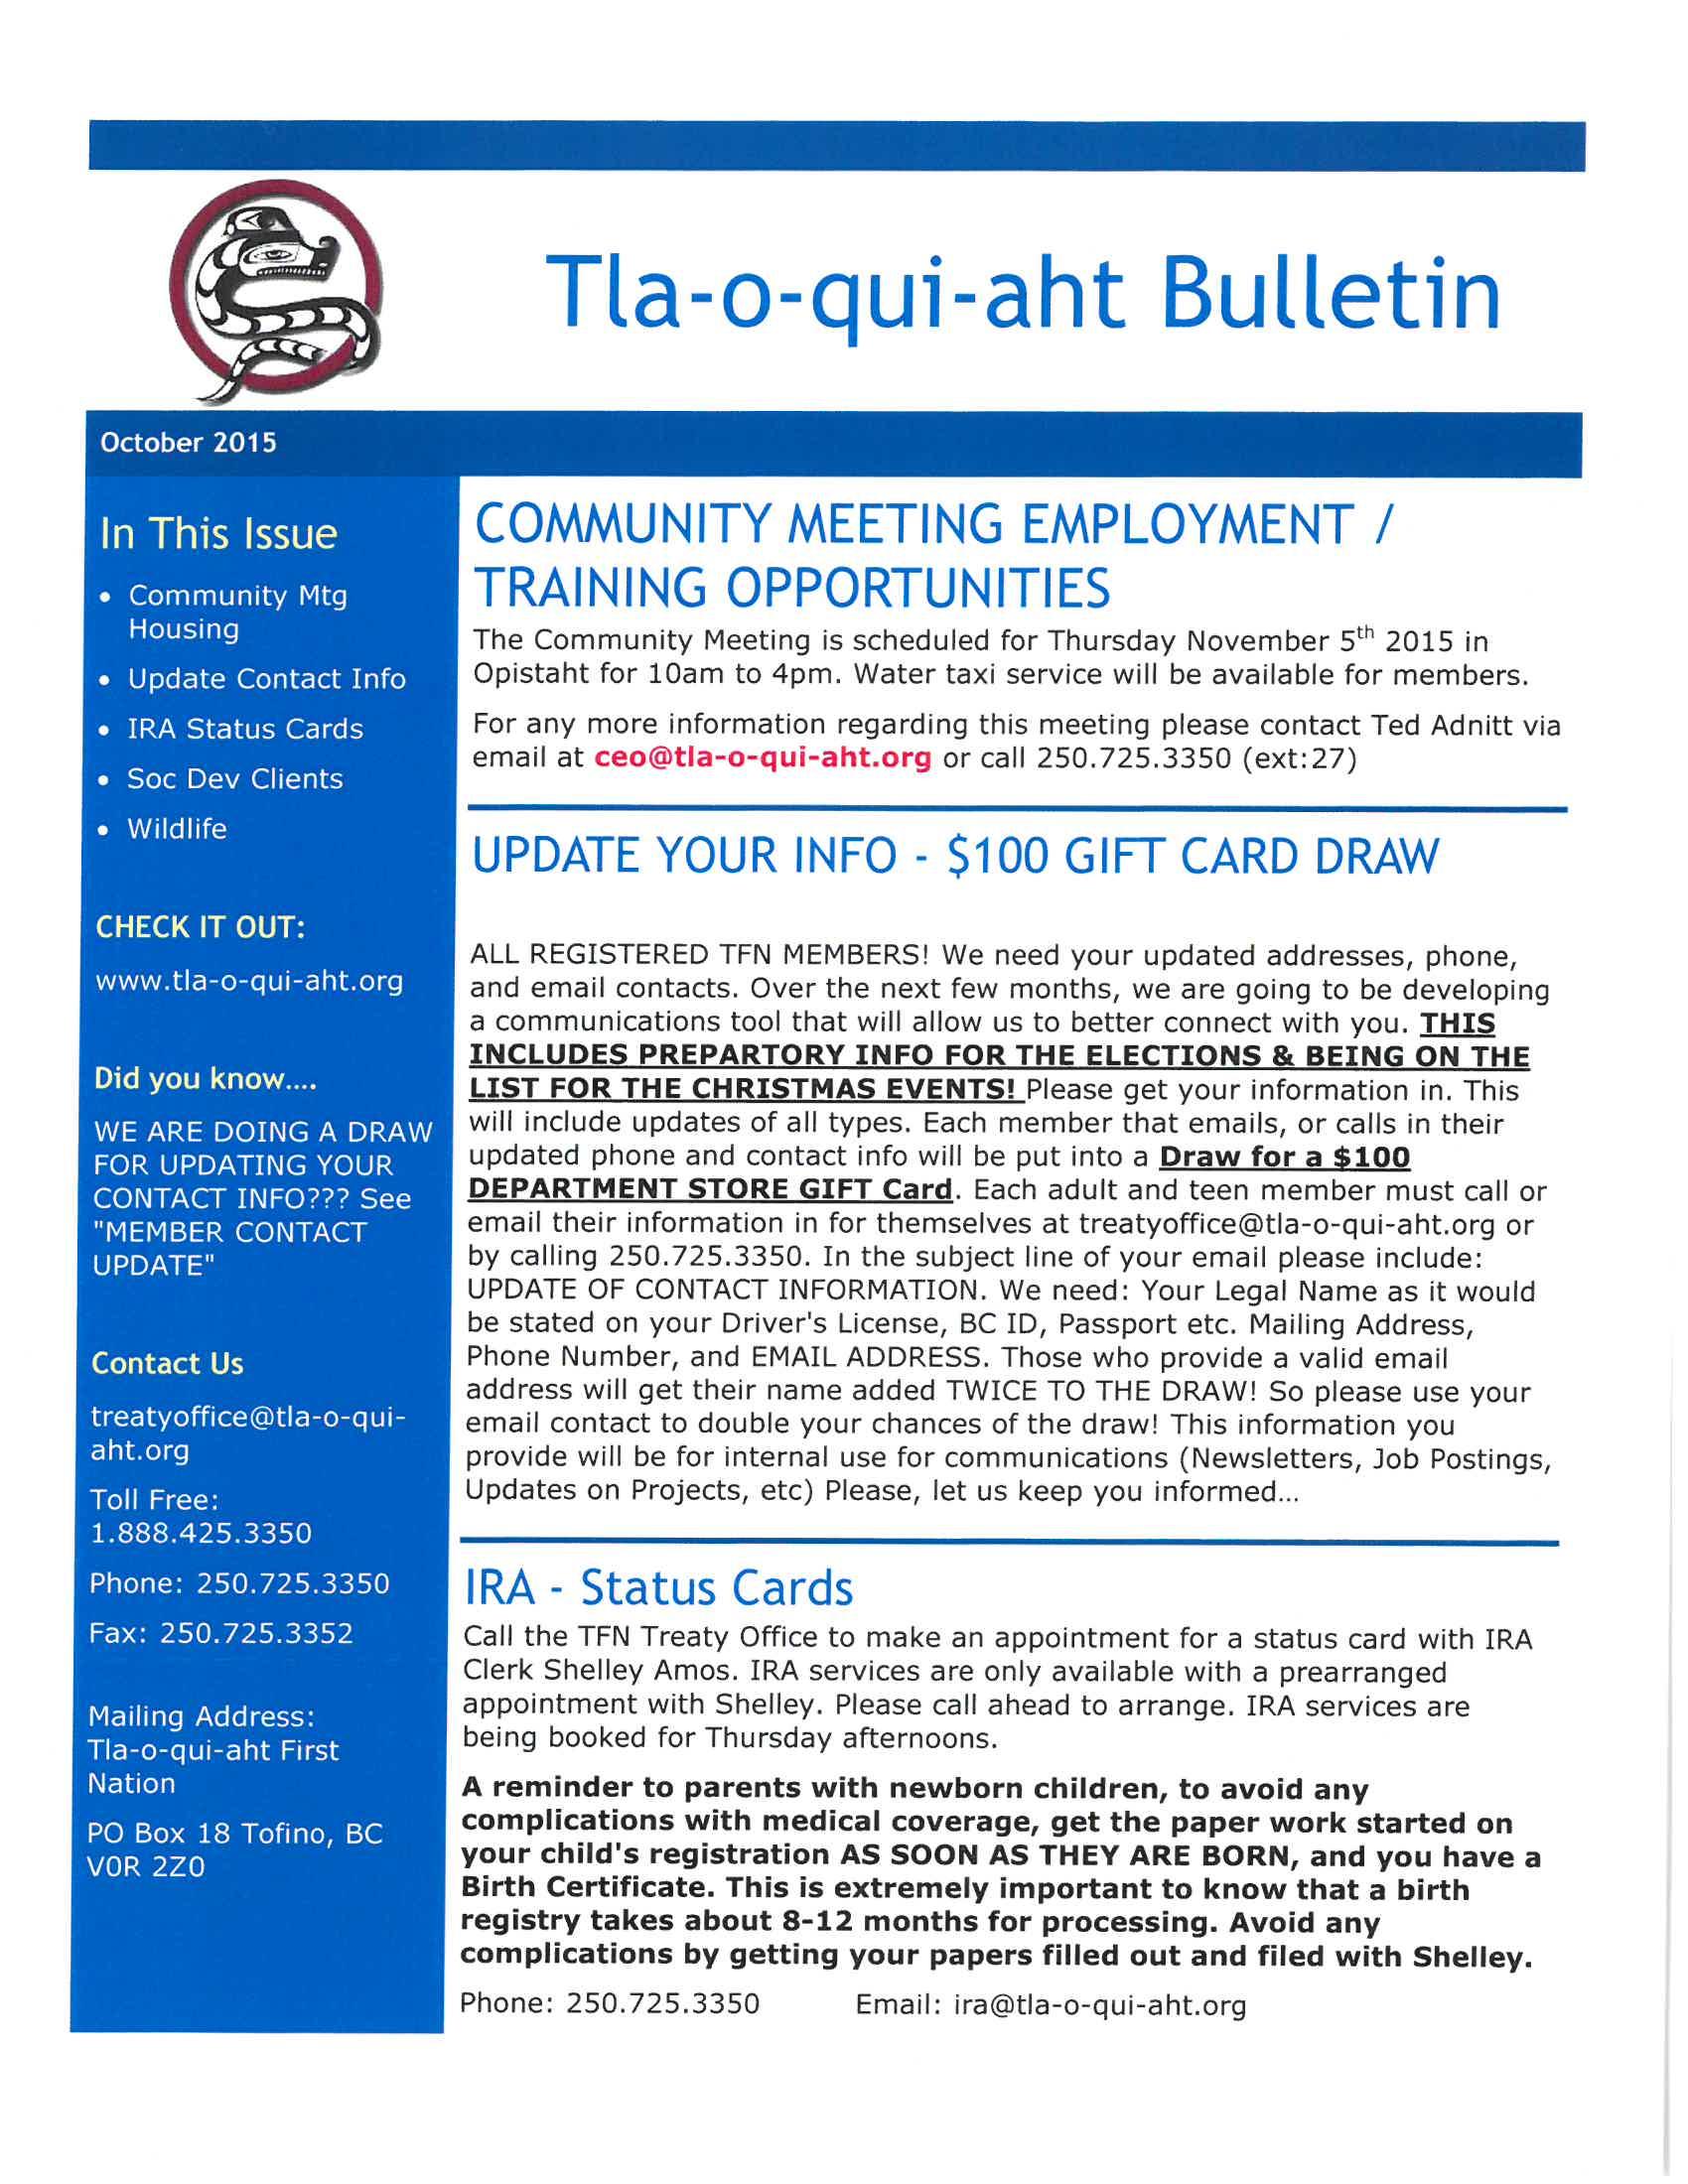 TFN_Bulletin_October_2015_Page_01.jpg